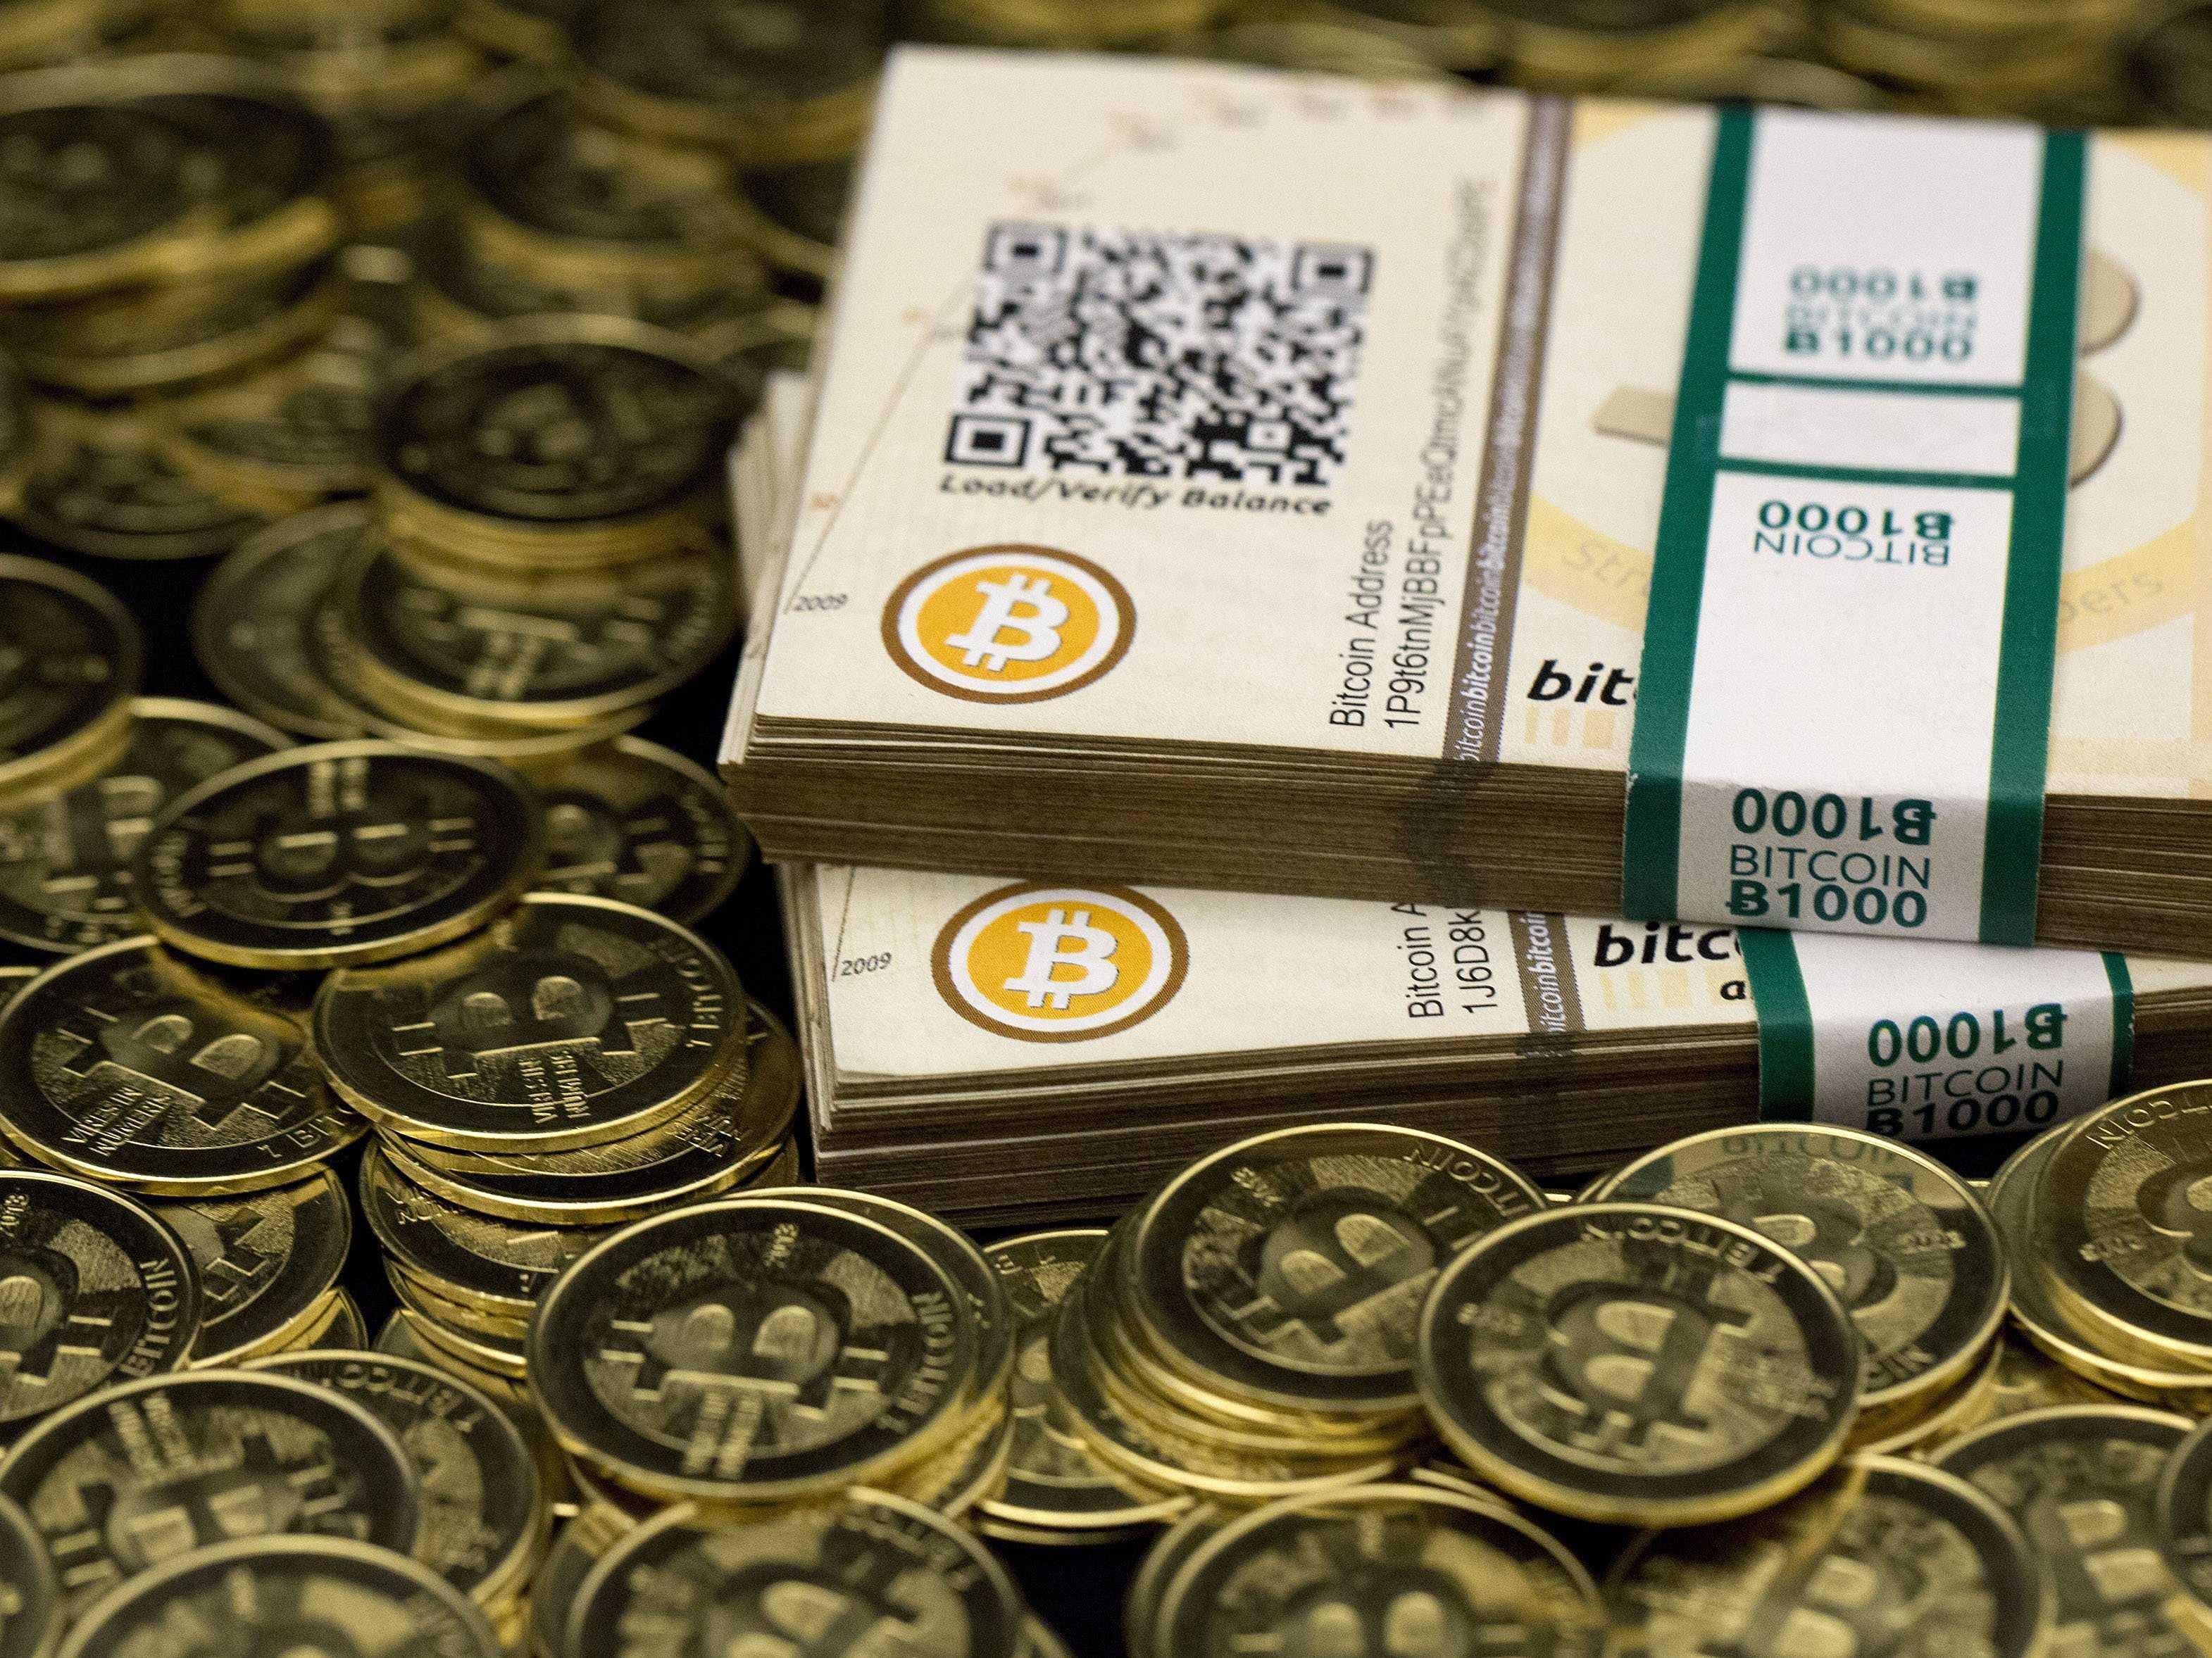 bitcoin mining using solar power